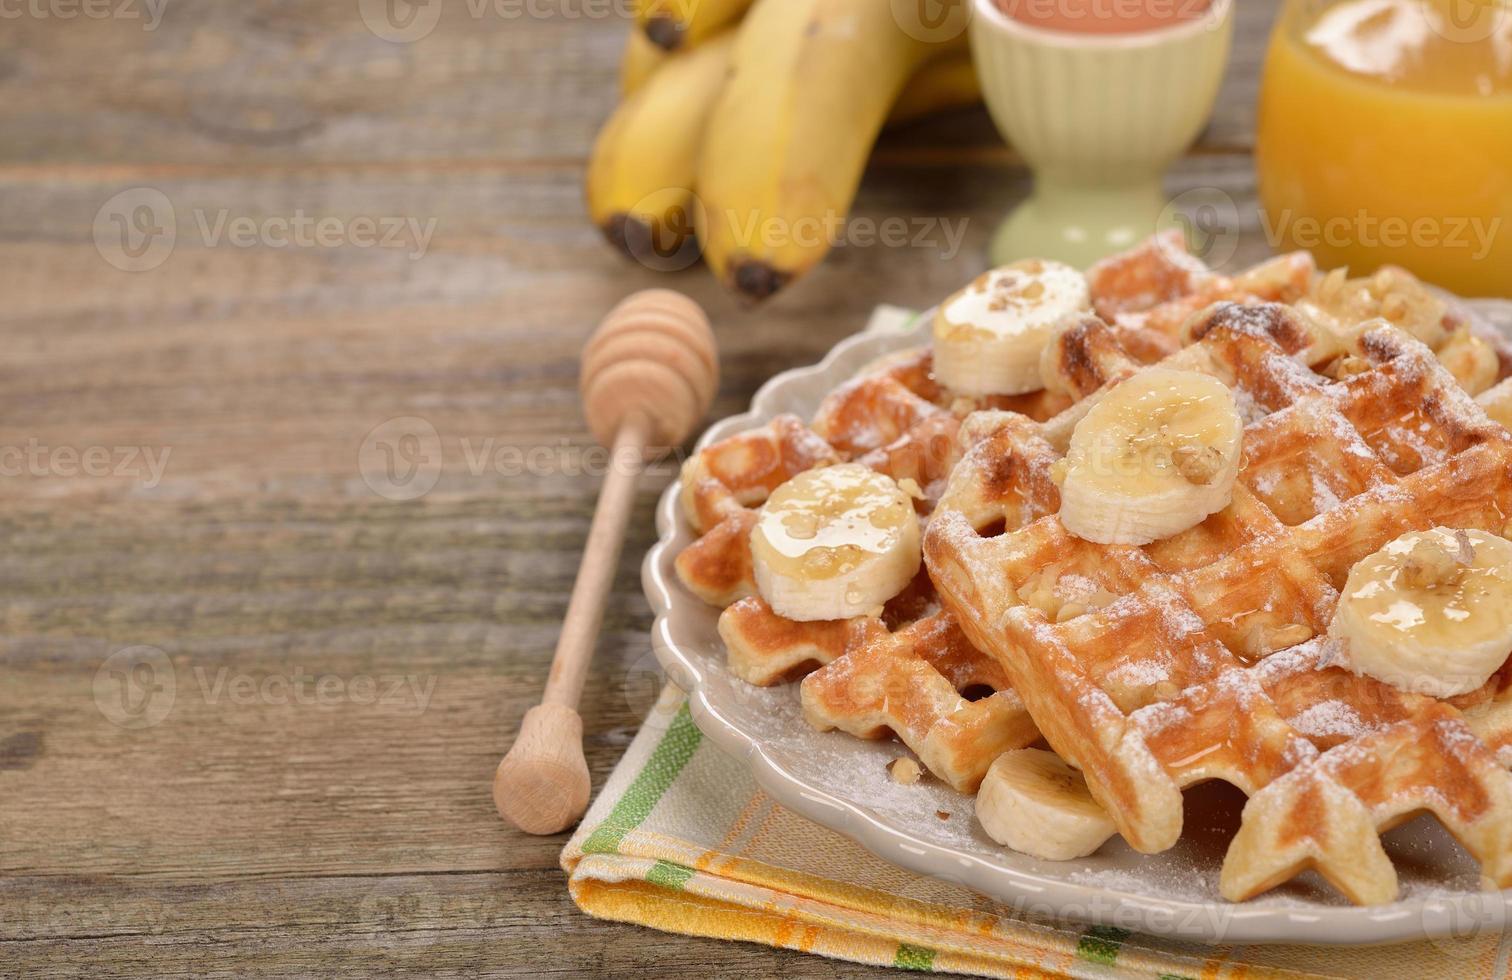 Waffeln mit Banane foto